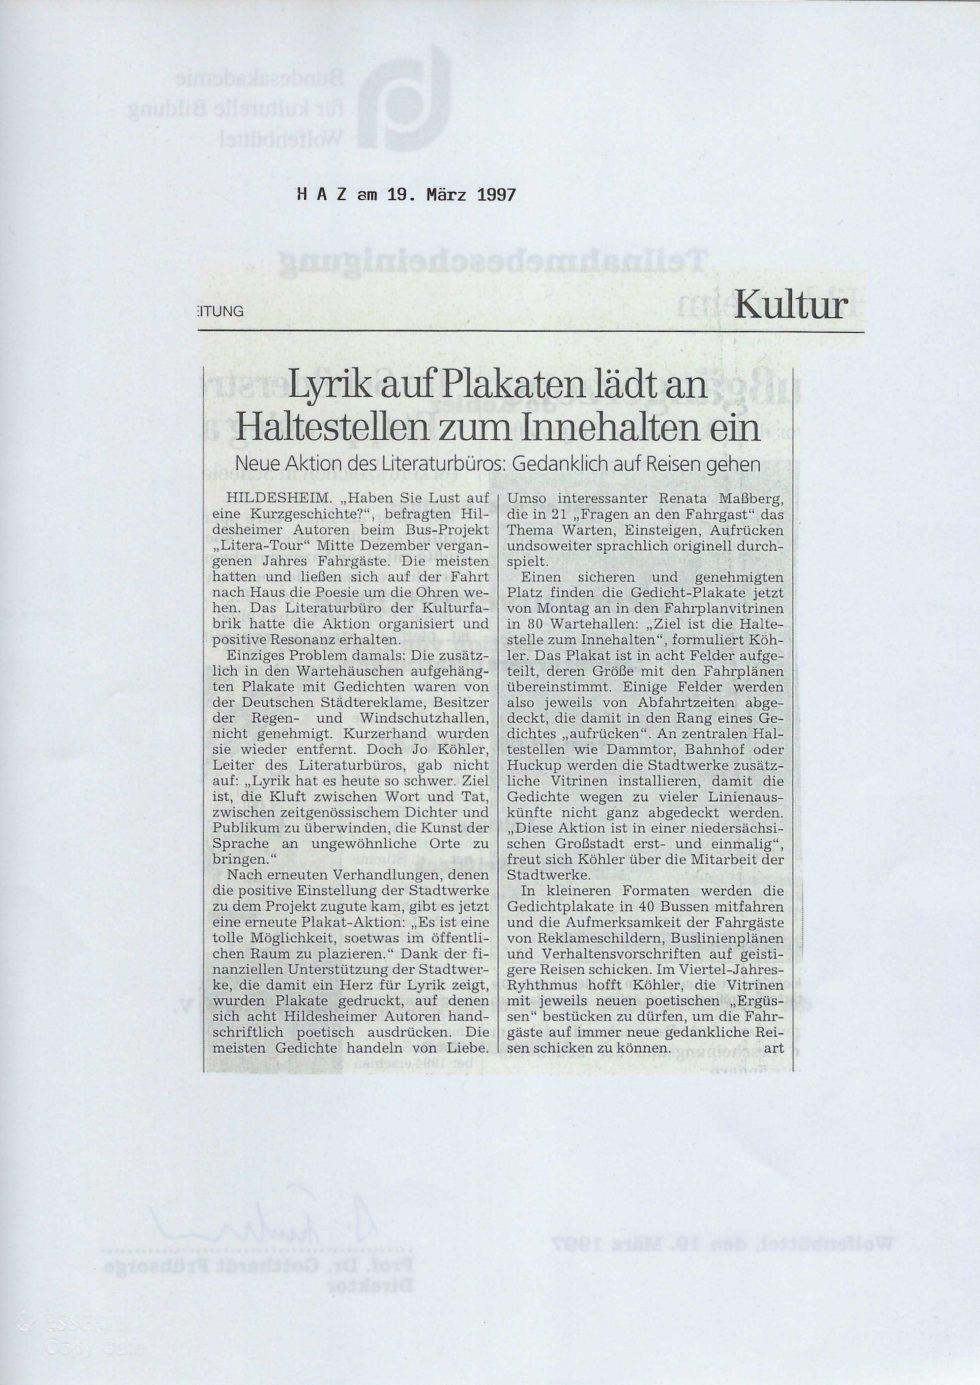 1997 Stift.Lesen, Lit.Tour, Lasker-Wallfisch_Seite_15